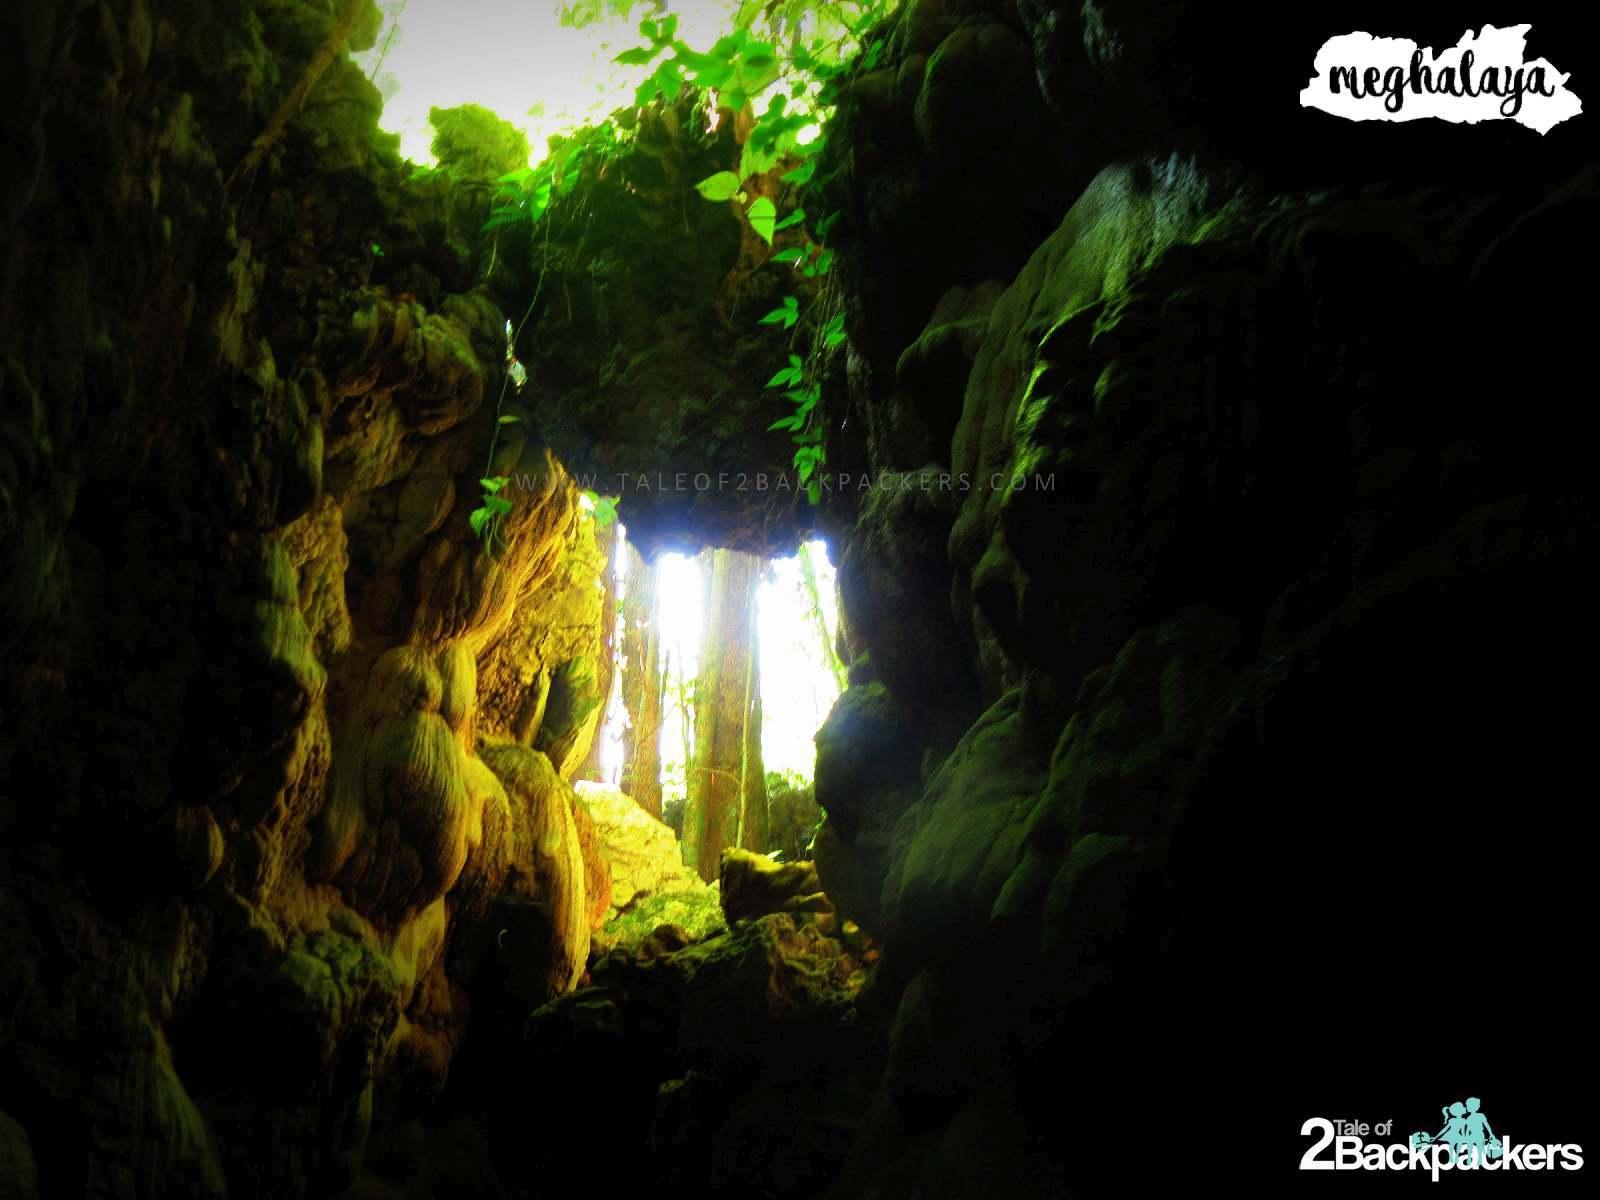 Caving in Meghalaya